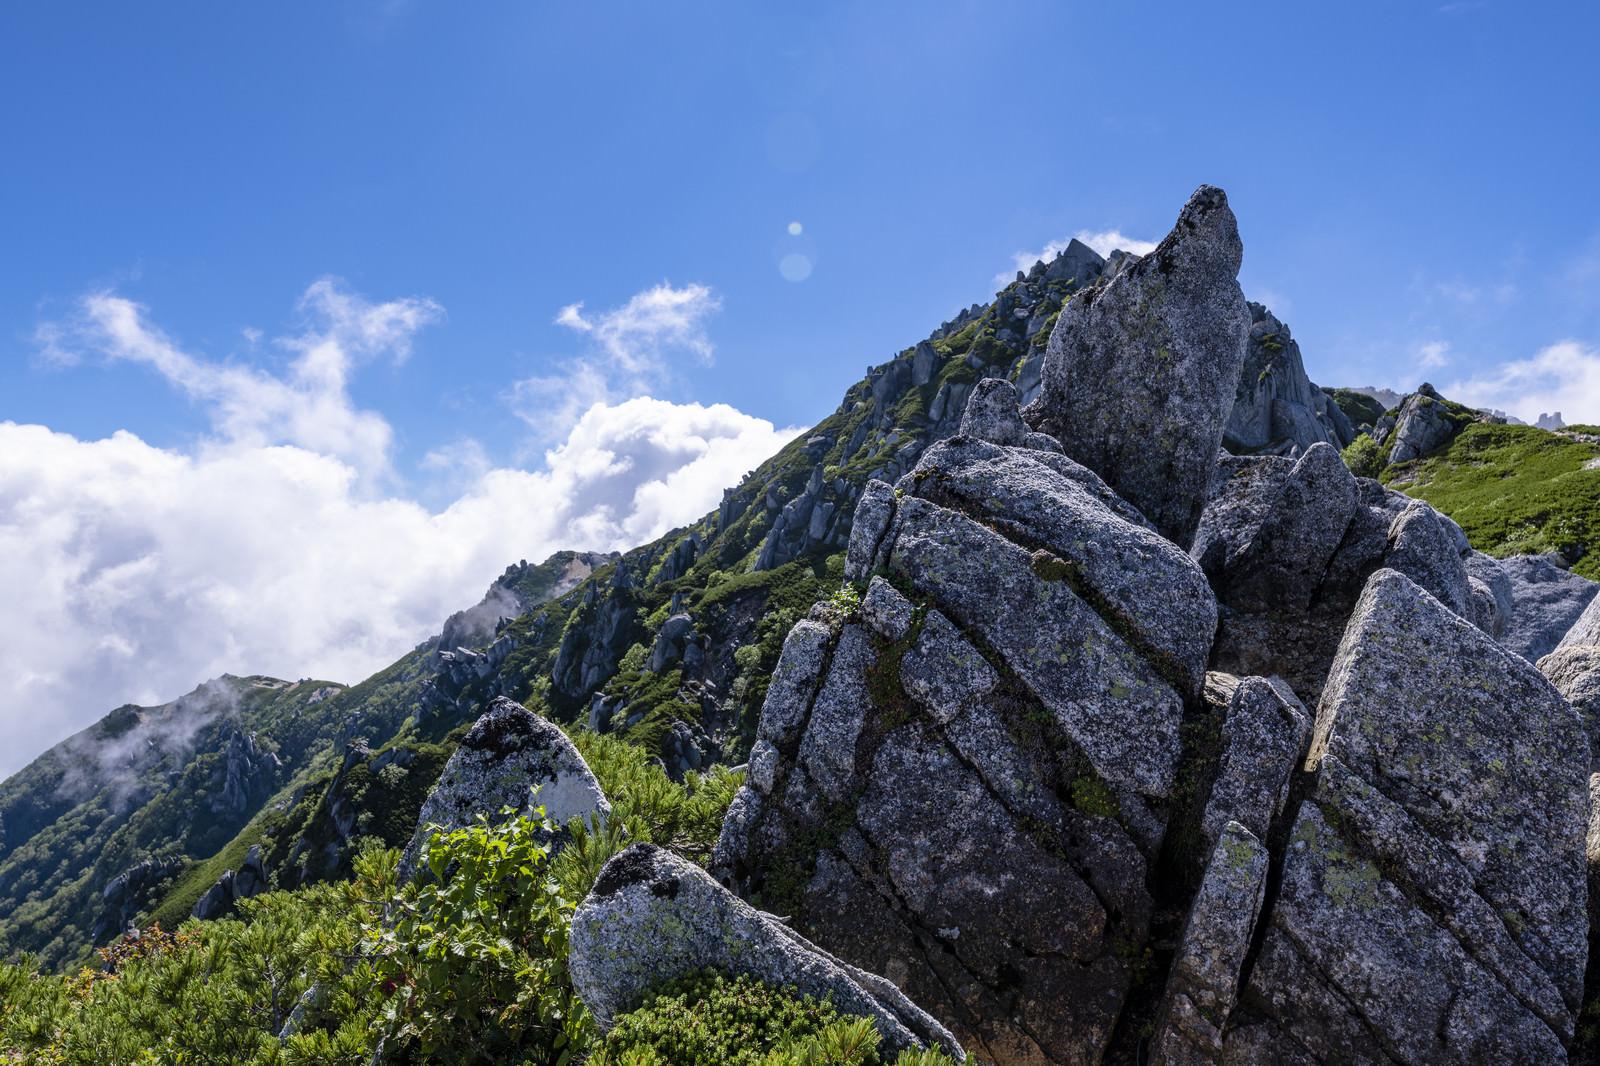 「花崗岩とハイマツが特徴的な中央アルプスの稜線の景色」の写真